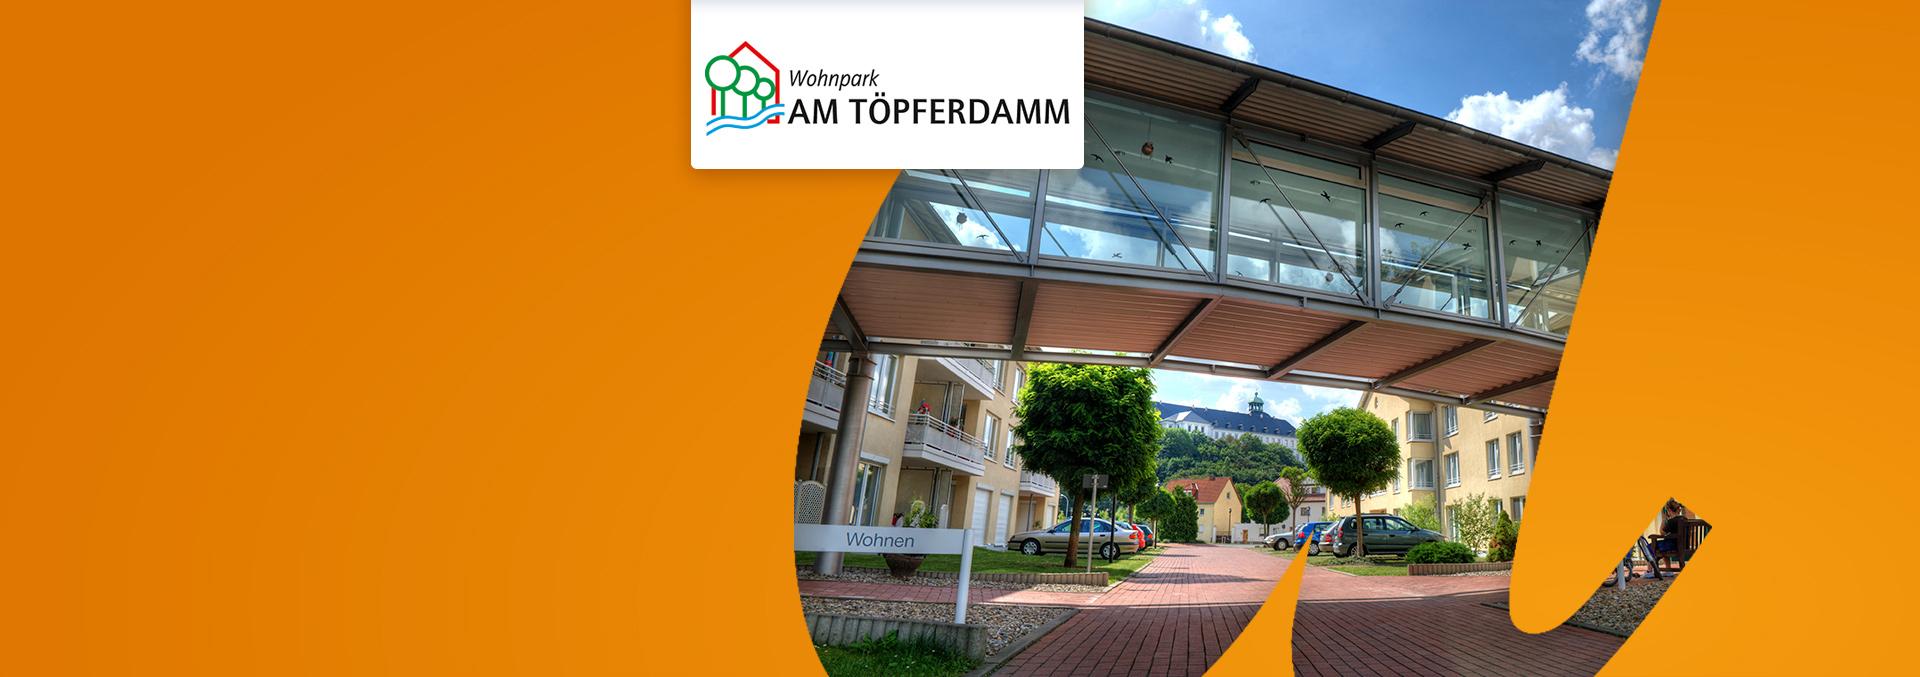 Wohnen im Wohnpark AM TÖPFERDAMM: Eingangsbereich außen mit Überführung und begrünten Parkplätzen